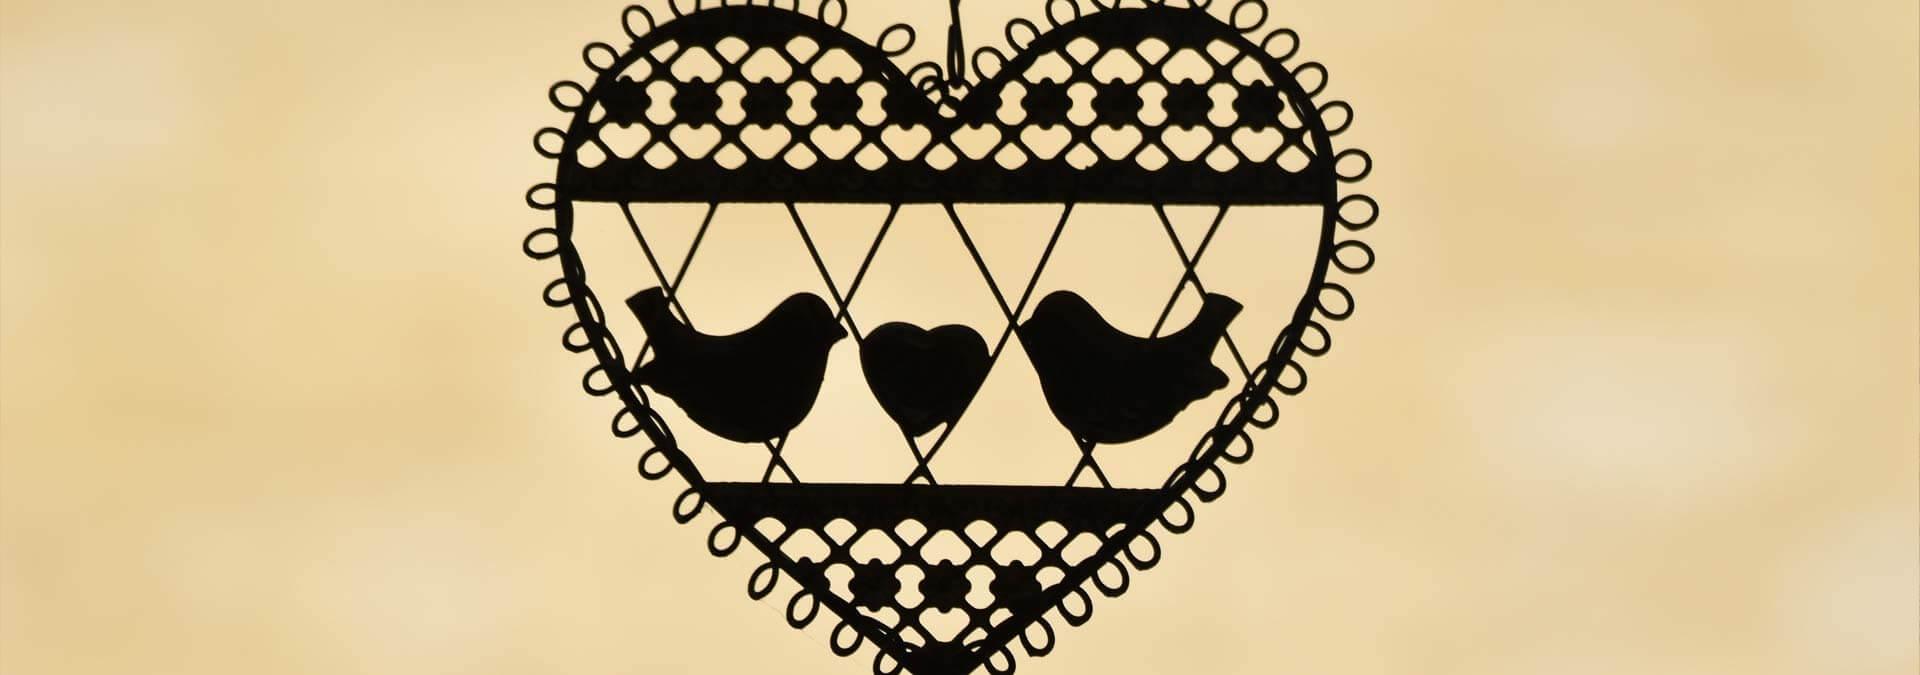 De mooiste spreuken over de Liefde waar we allemaal van houden - Love quotes op ingspire